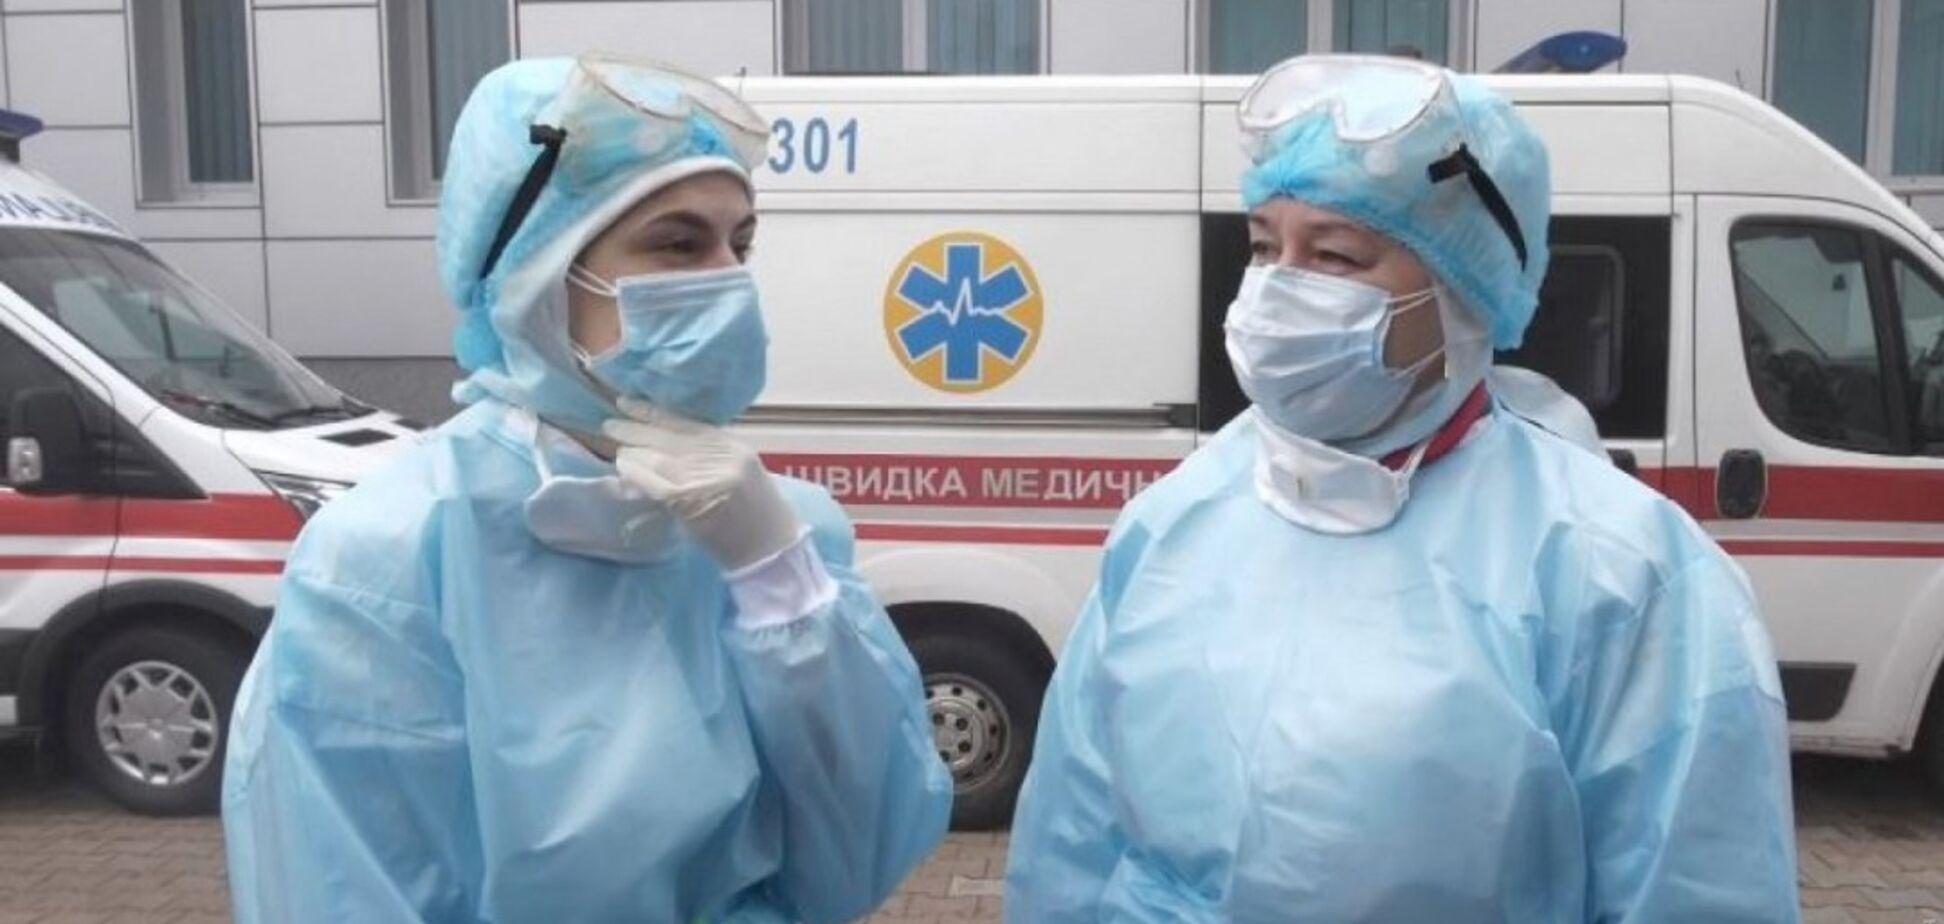 Вчені КПІ описали можливі фази подальшого розвитку коронавірусної інфекції в Україні